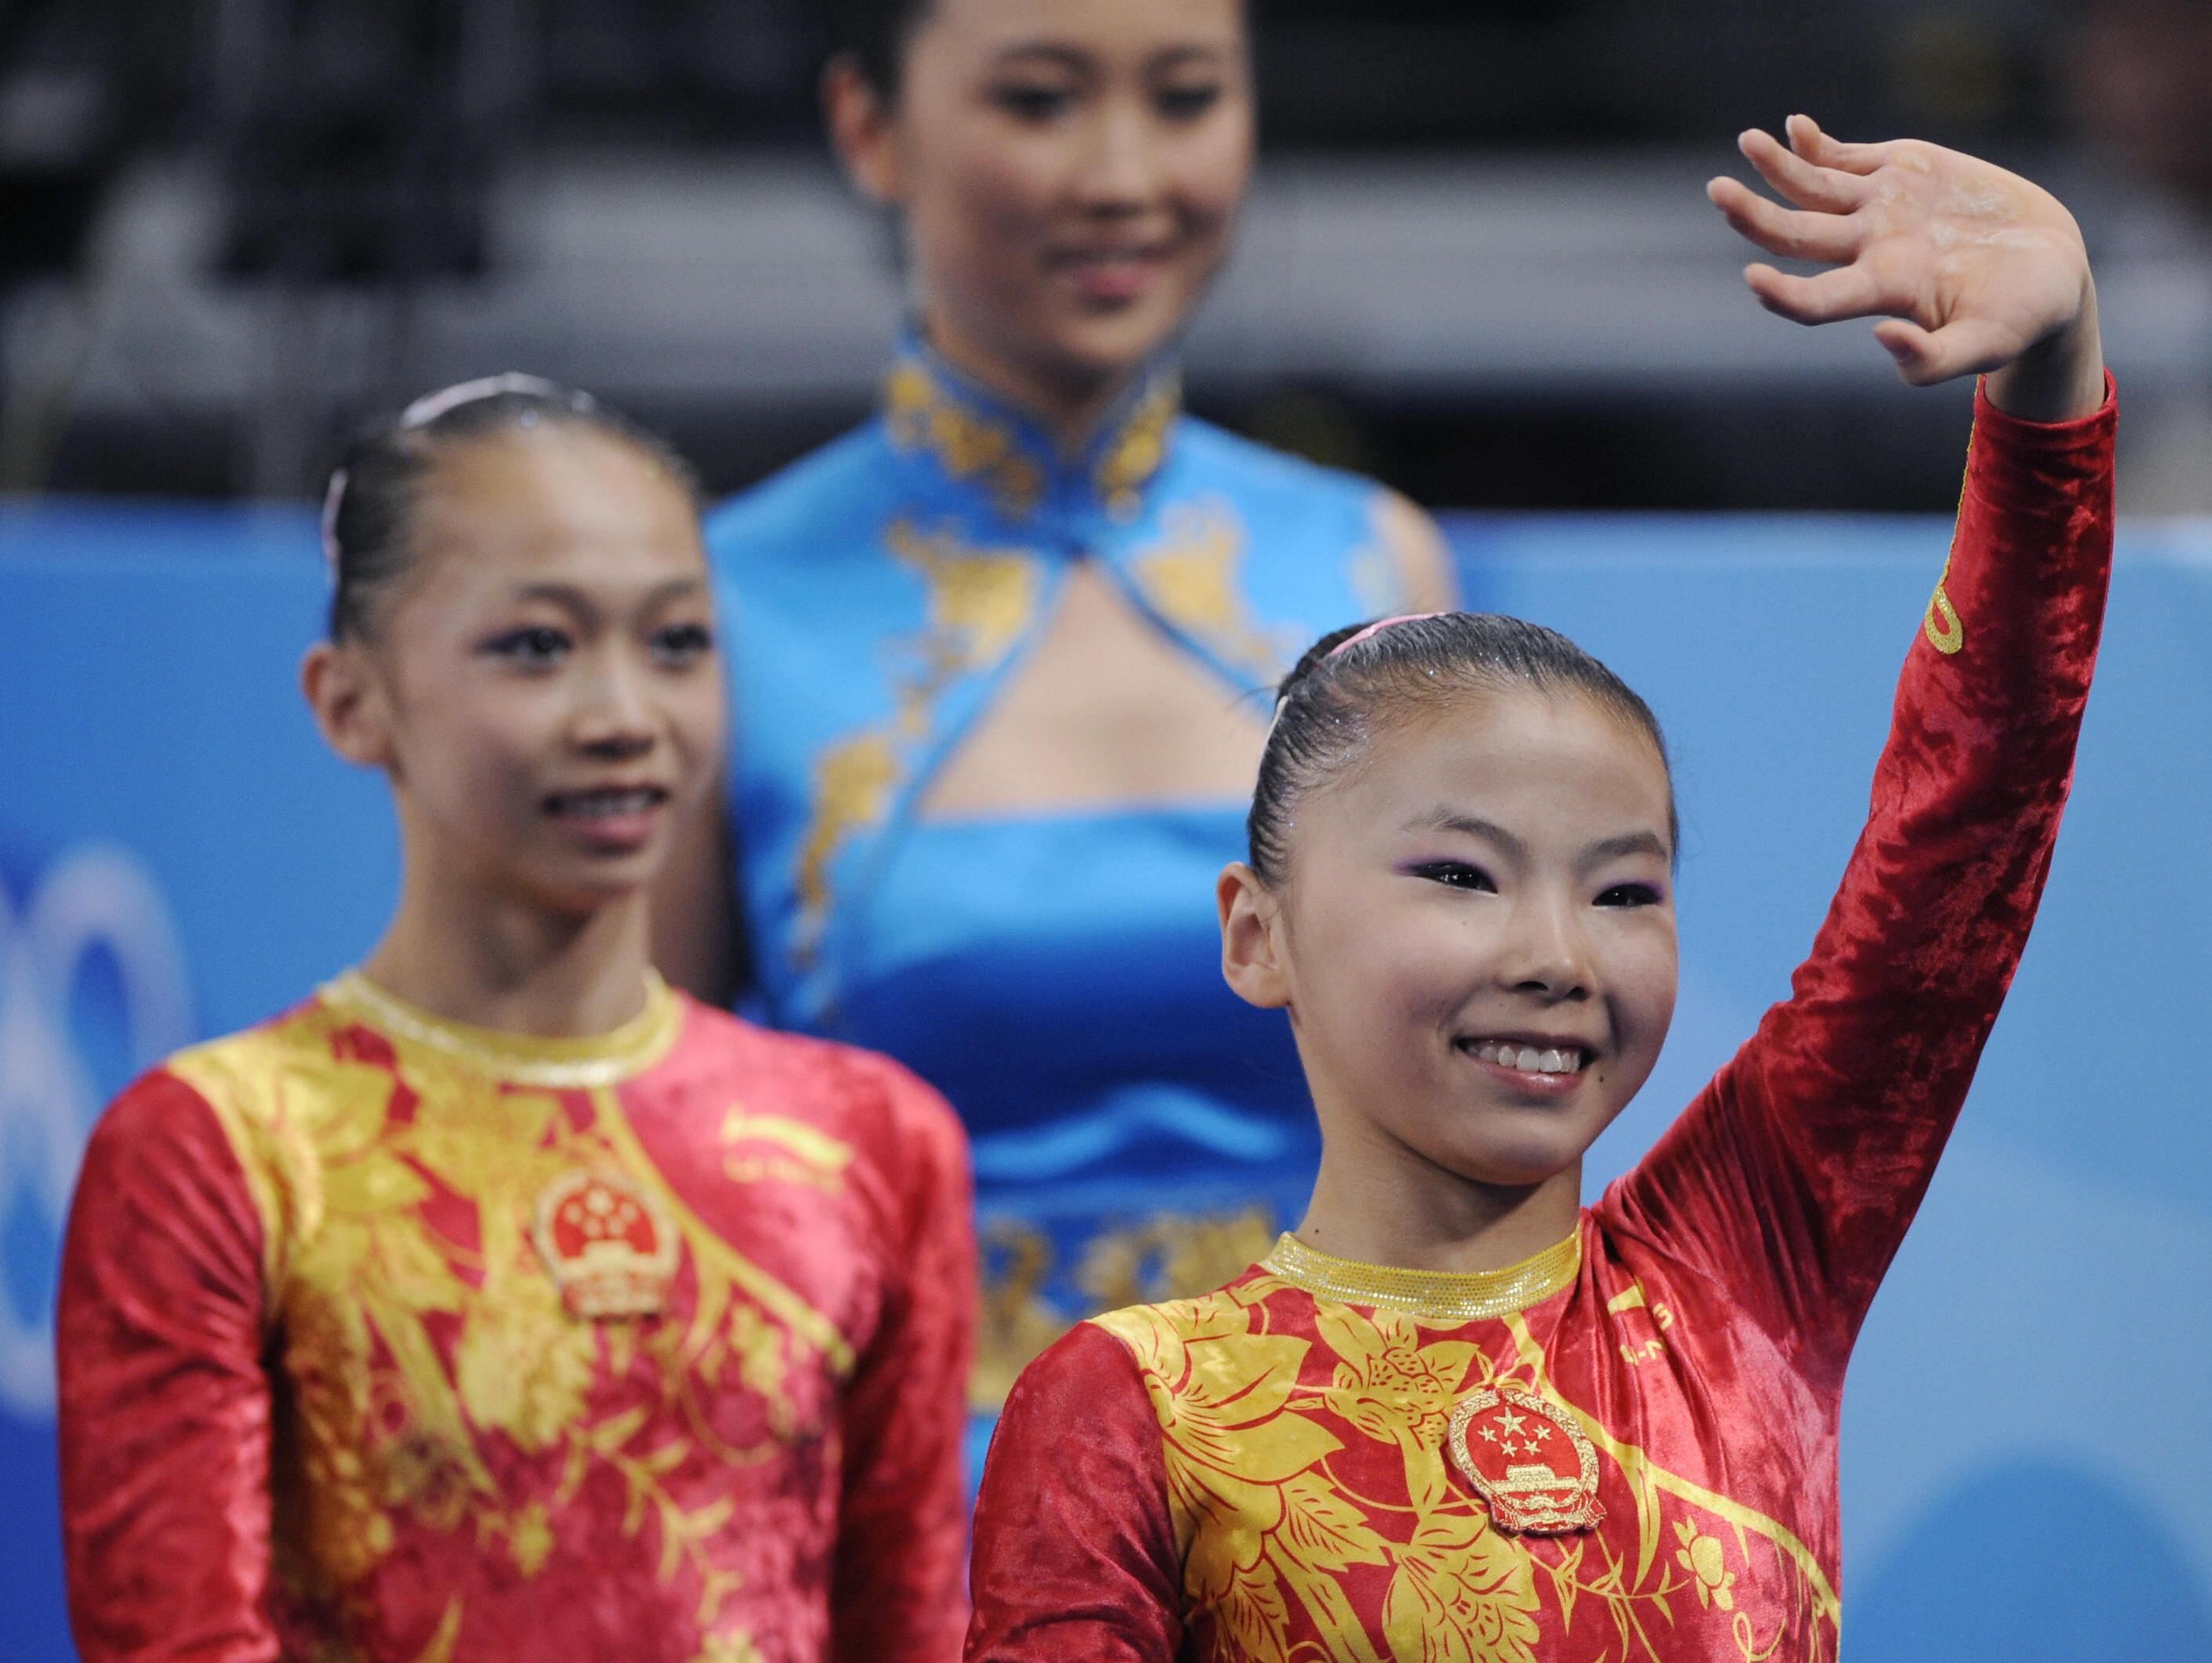 IOC berät über das Alter von Chinas Gold-Turnerinnen